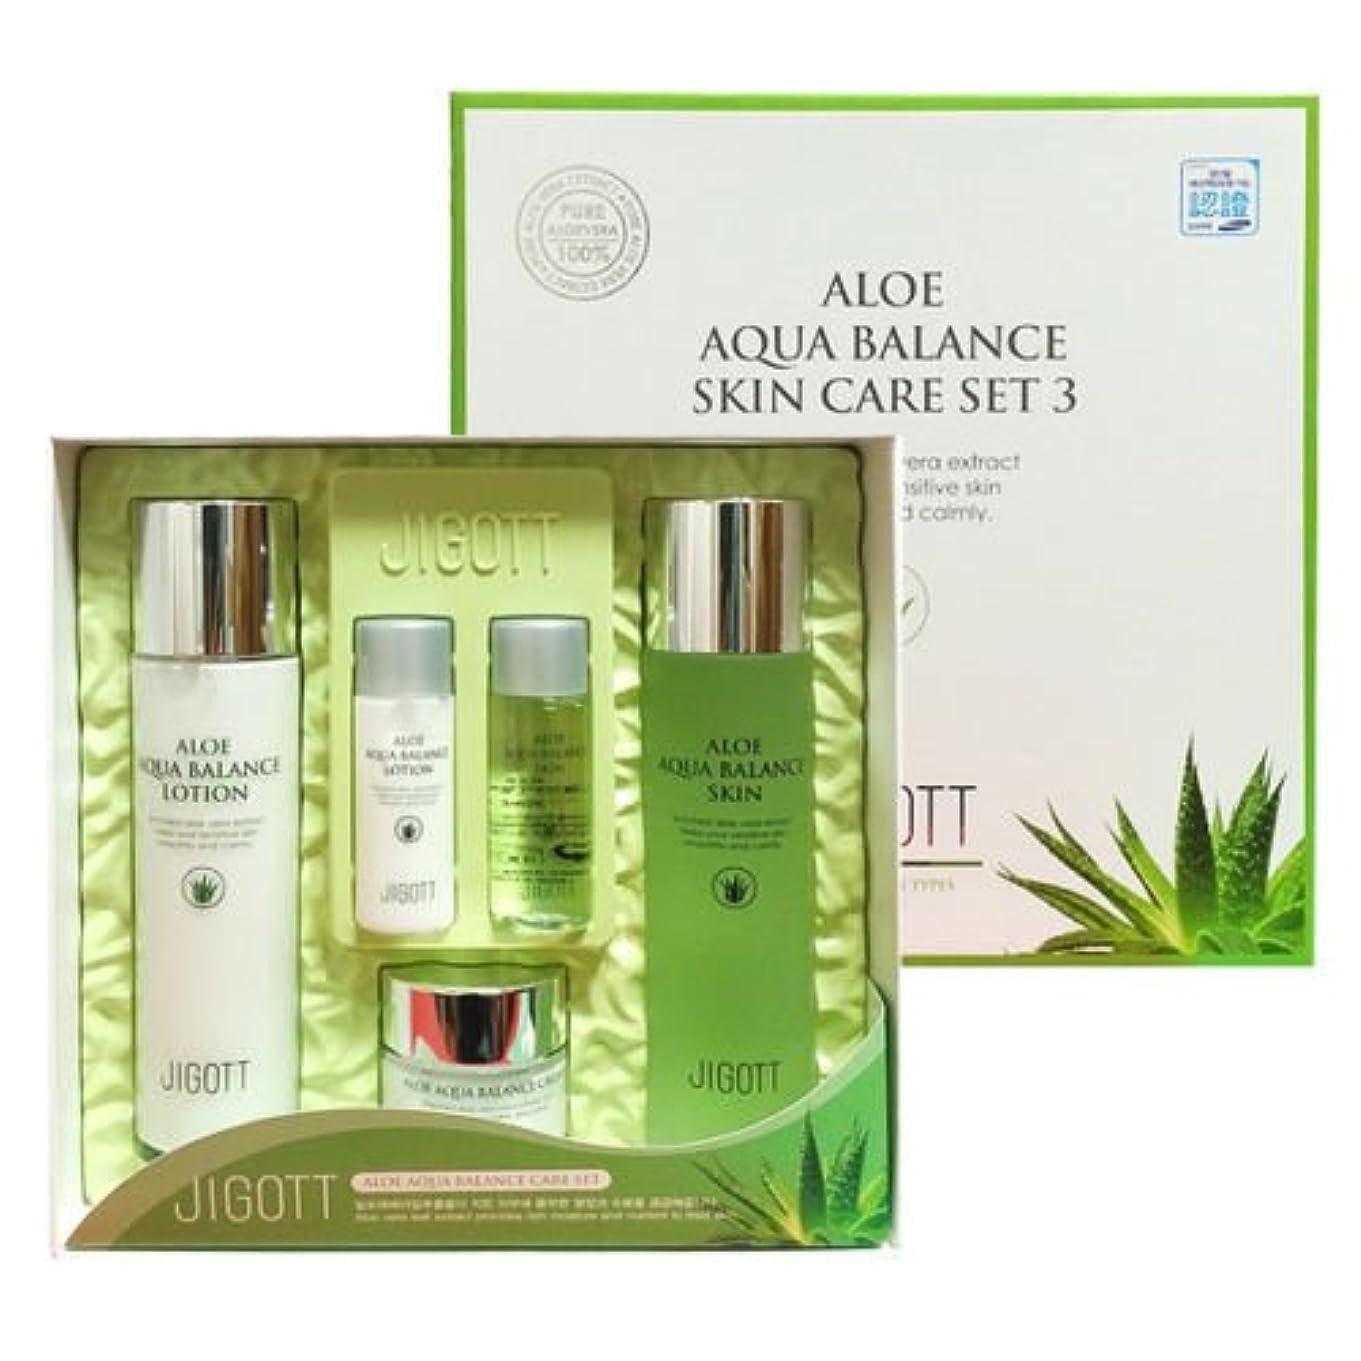 引退する体現する圧力ジゴトゥ[韓国コスメJigott]Aloe Aqua Balance Skin Care 3 Set アロエアクアバランススキンケア3セット樹液,乳液,クリーム [並行輸入品]